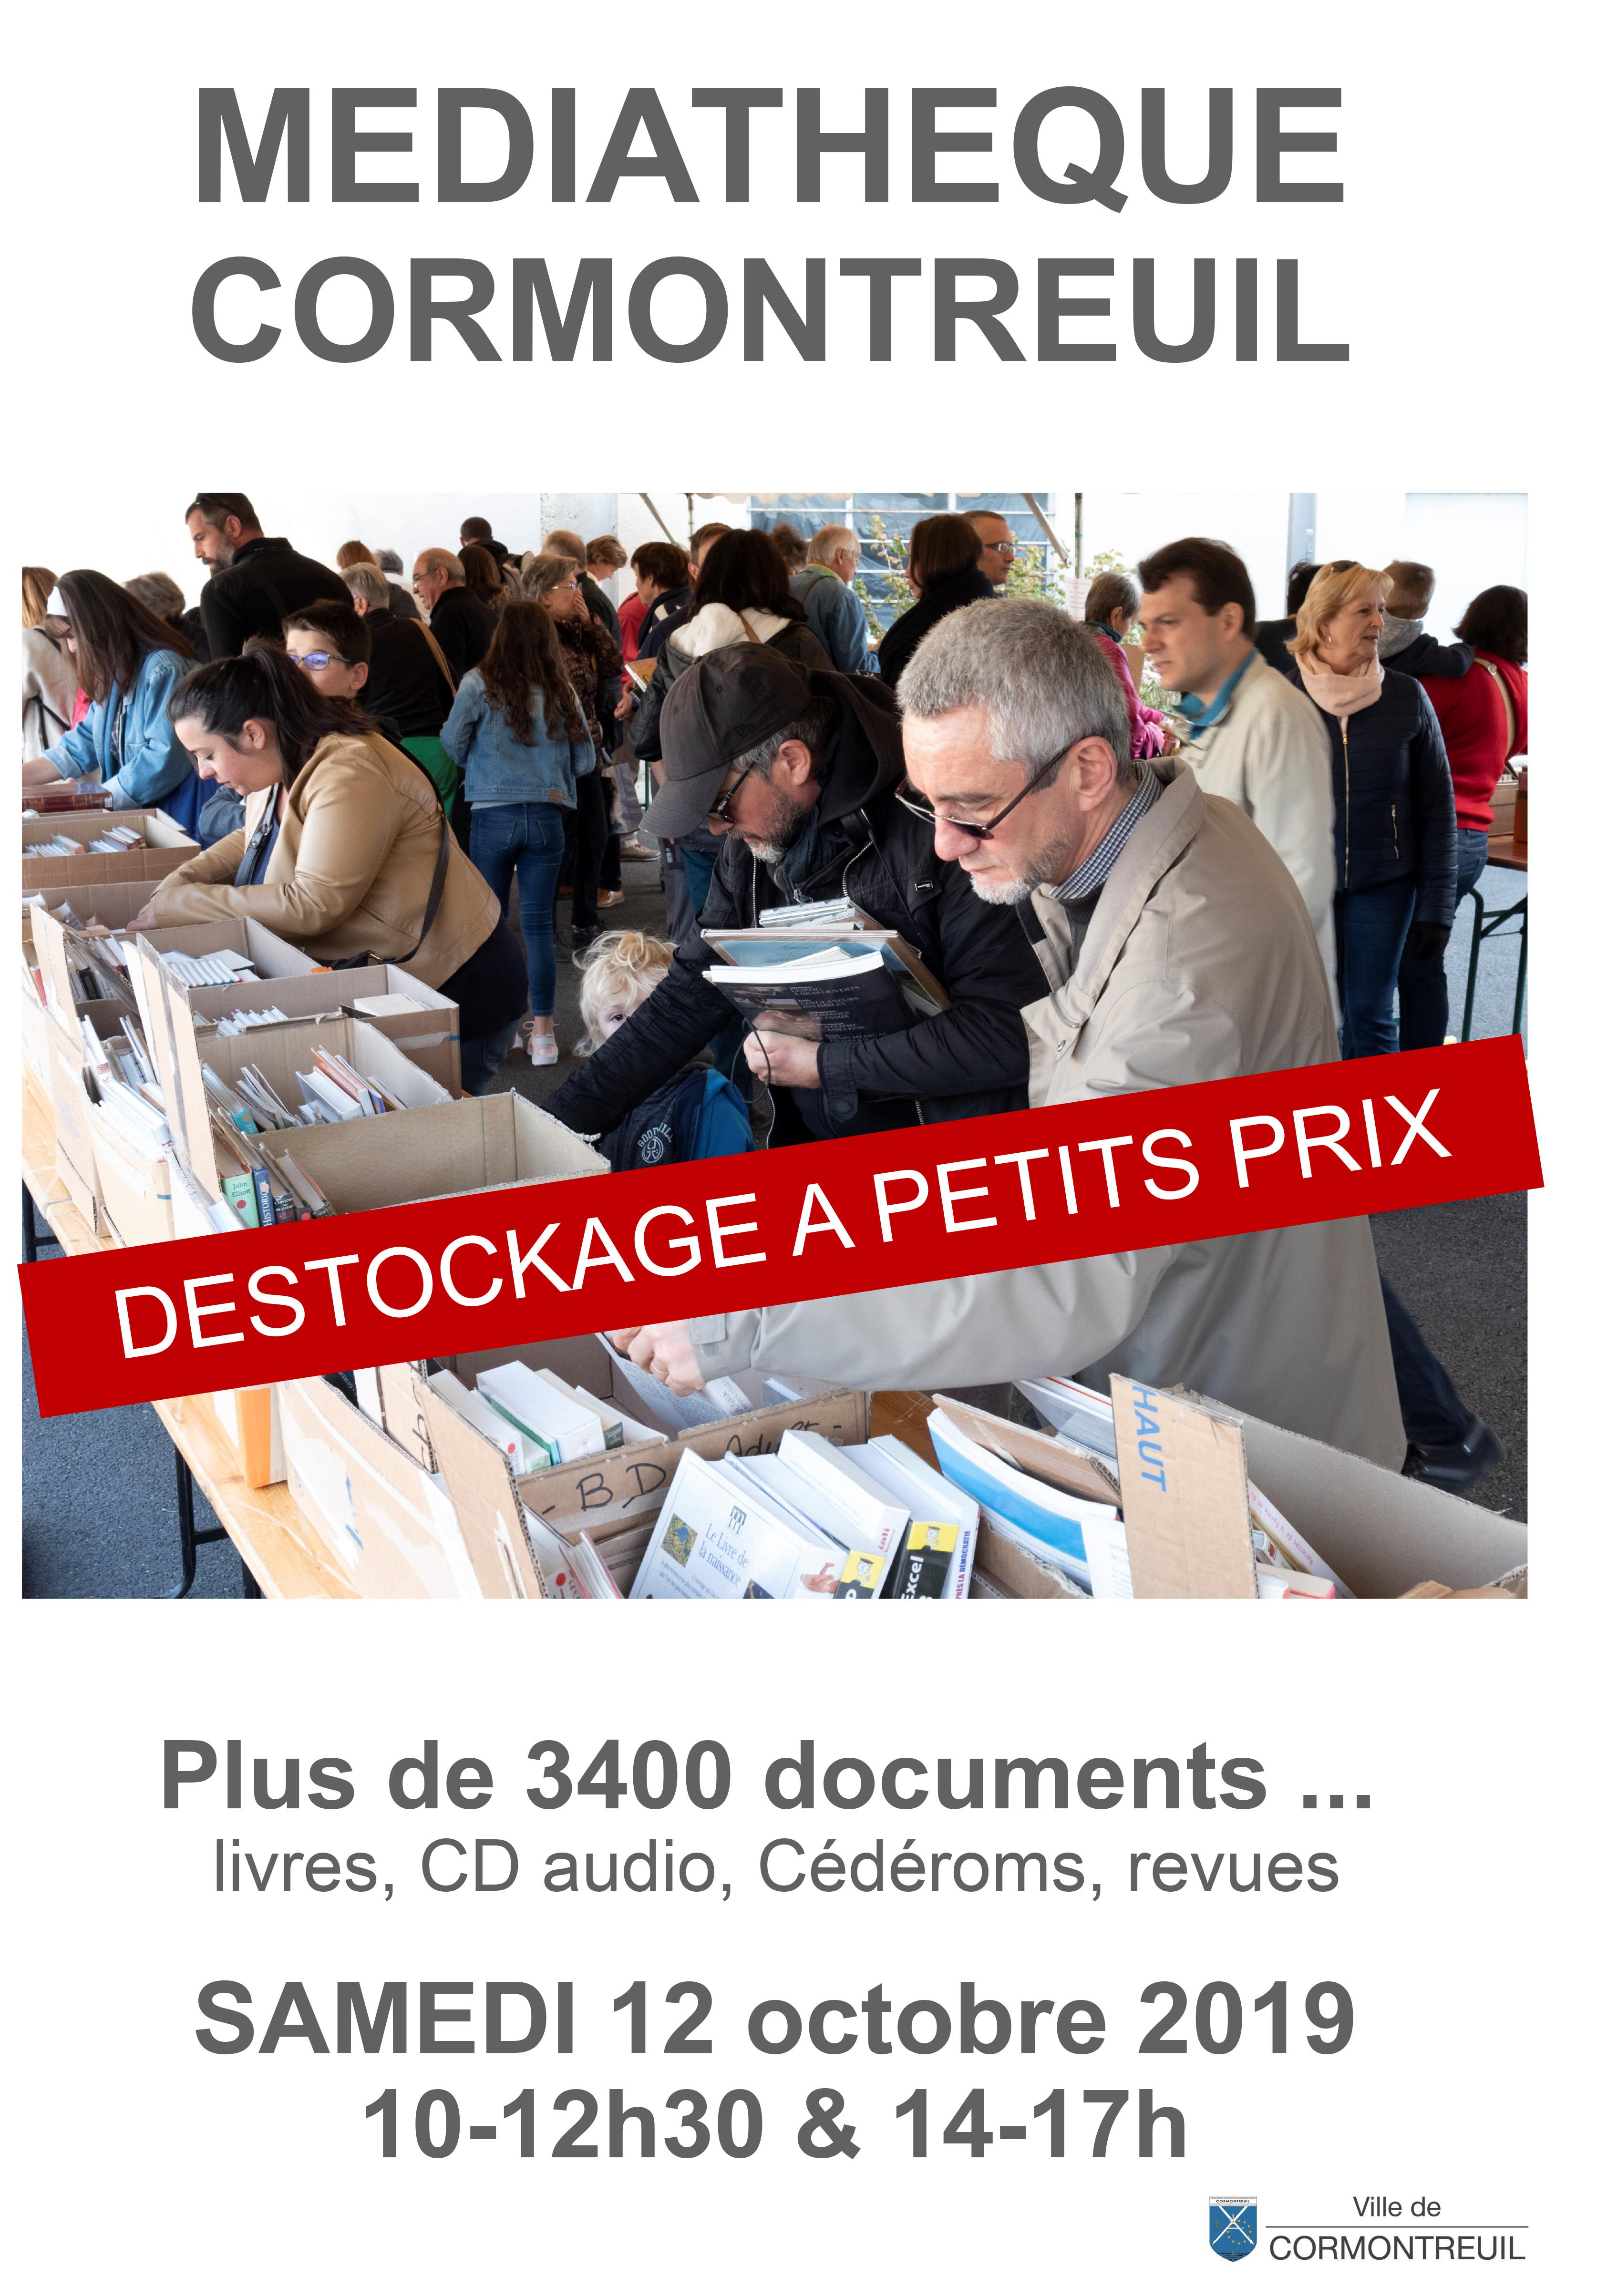 Cormontreuil déstockage vente médiathèque 12 octobre 2019